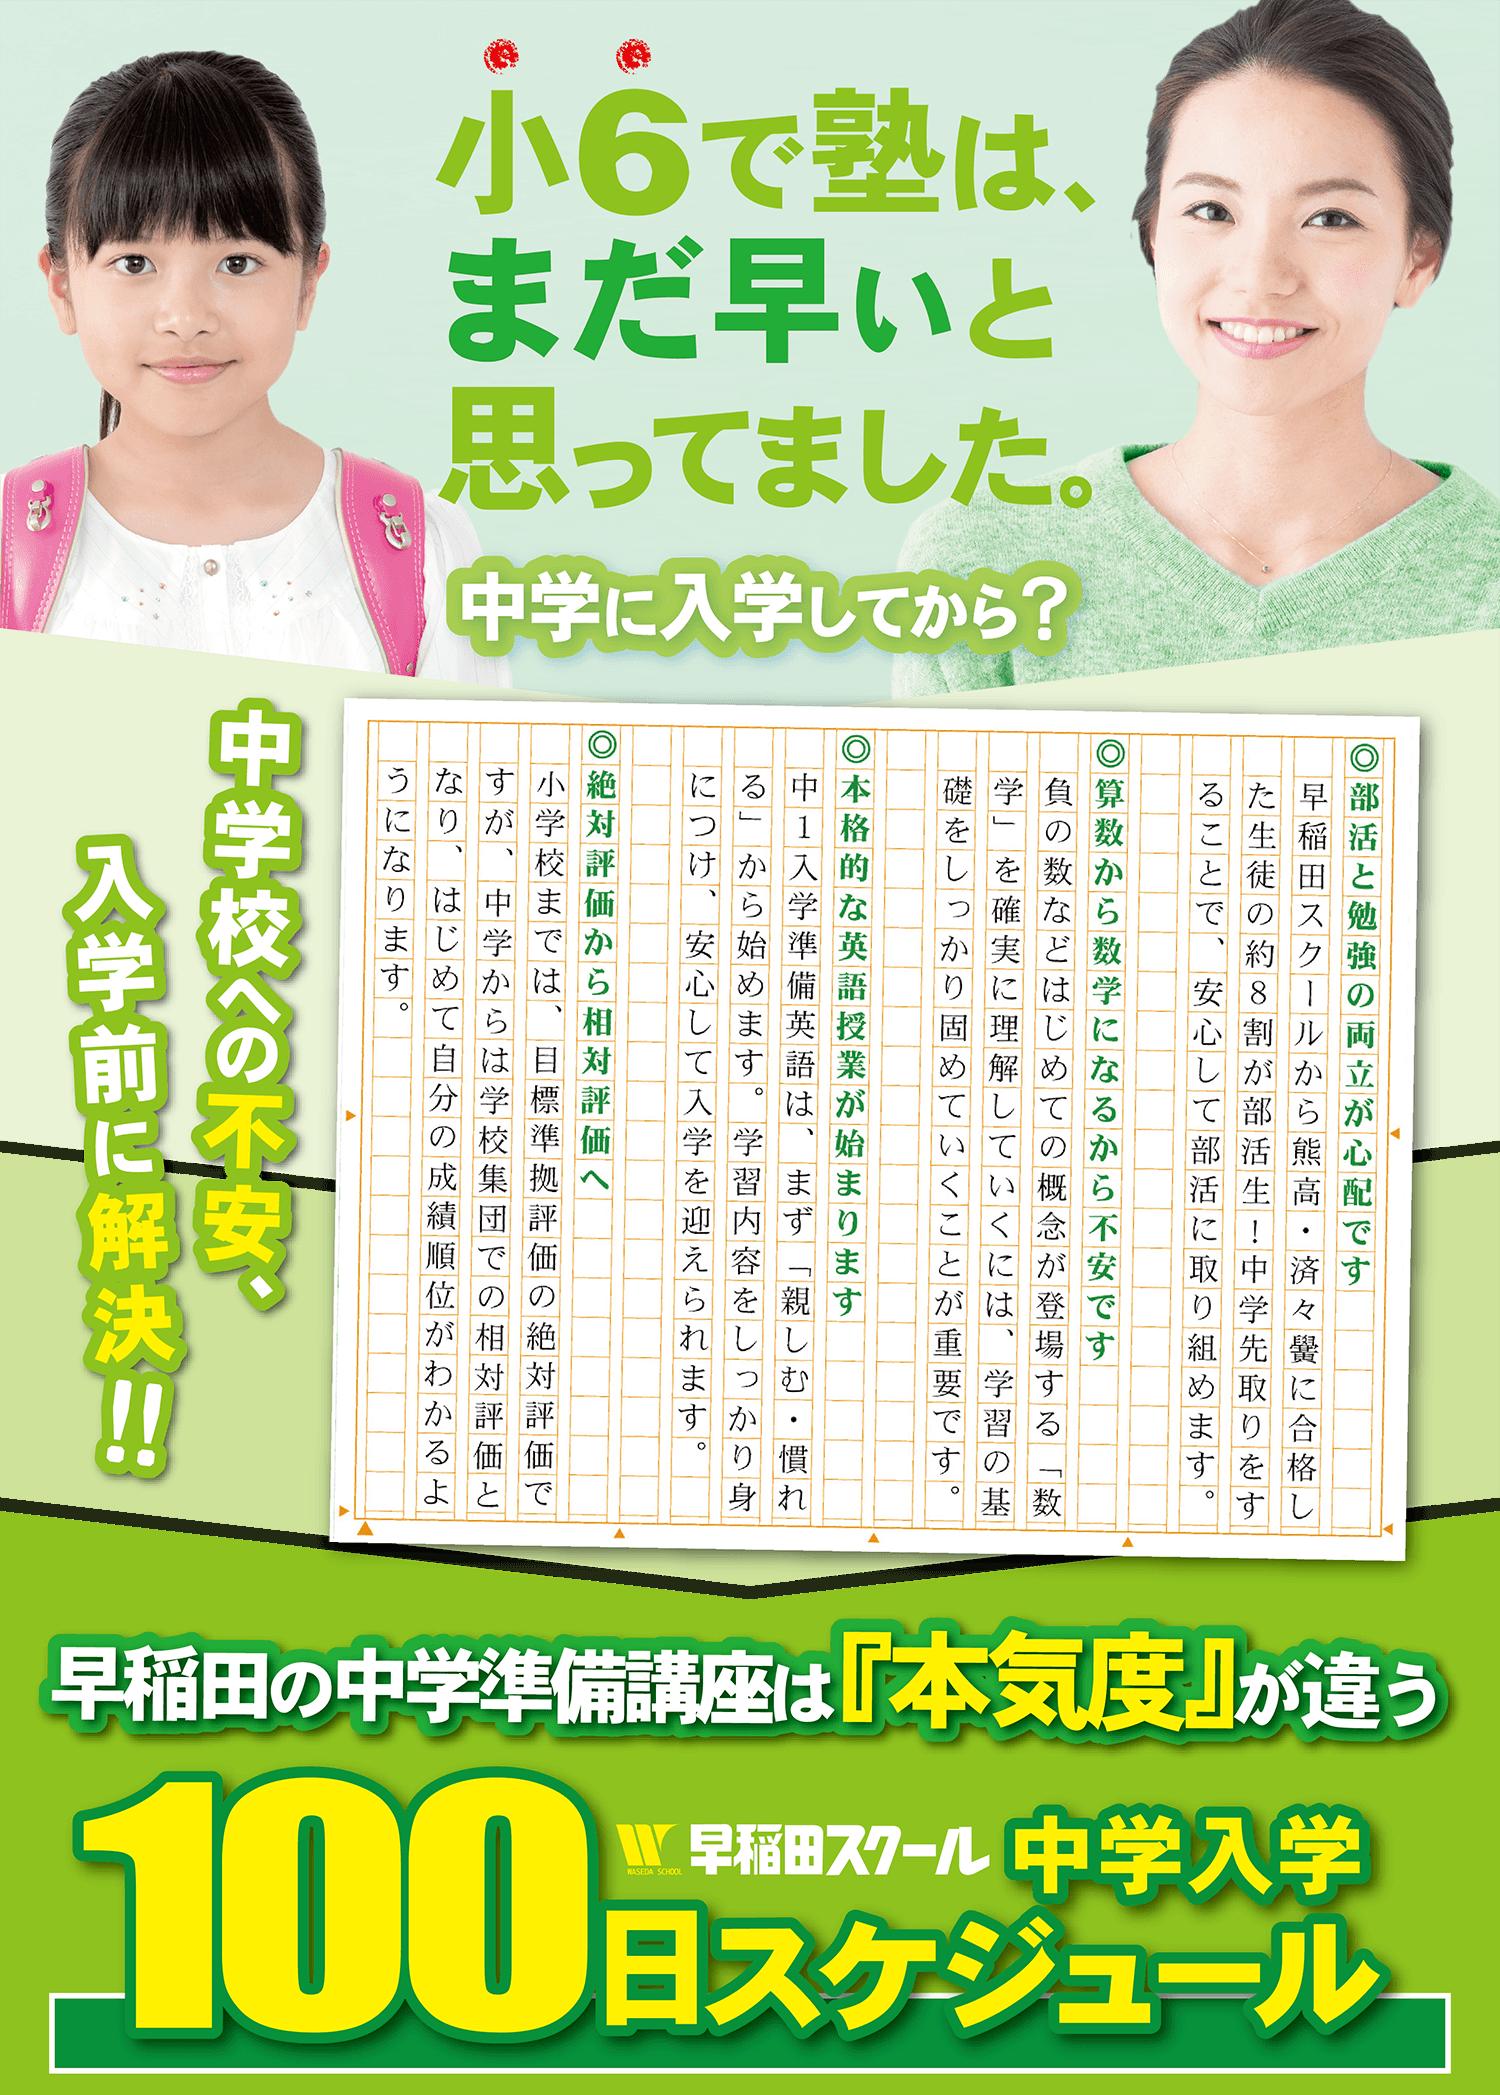 中学入学までの100日スケジュールタイトル